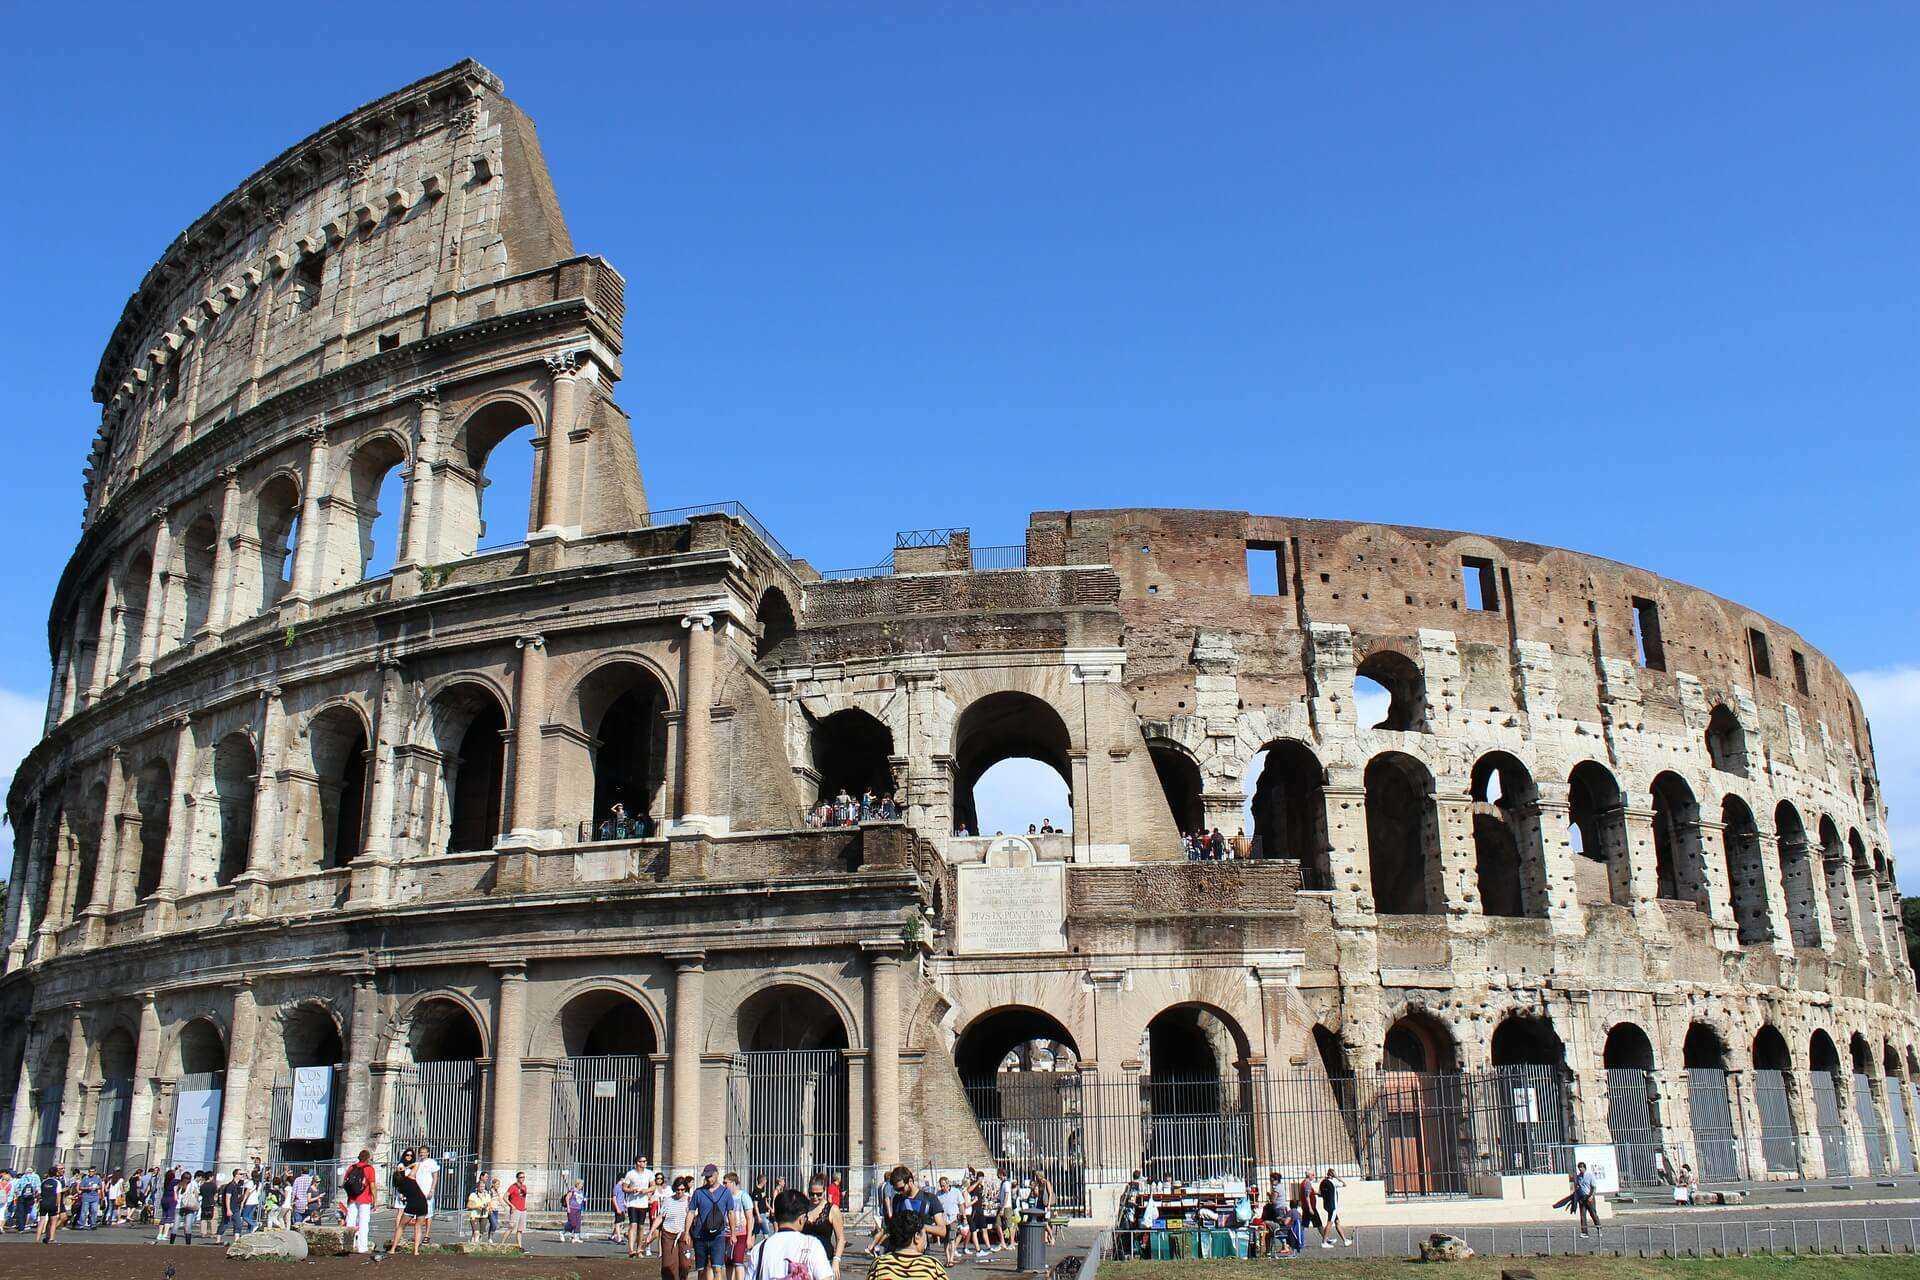 Direktflüge und Billigflüge ab Hamburg nach Rom